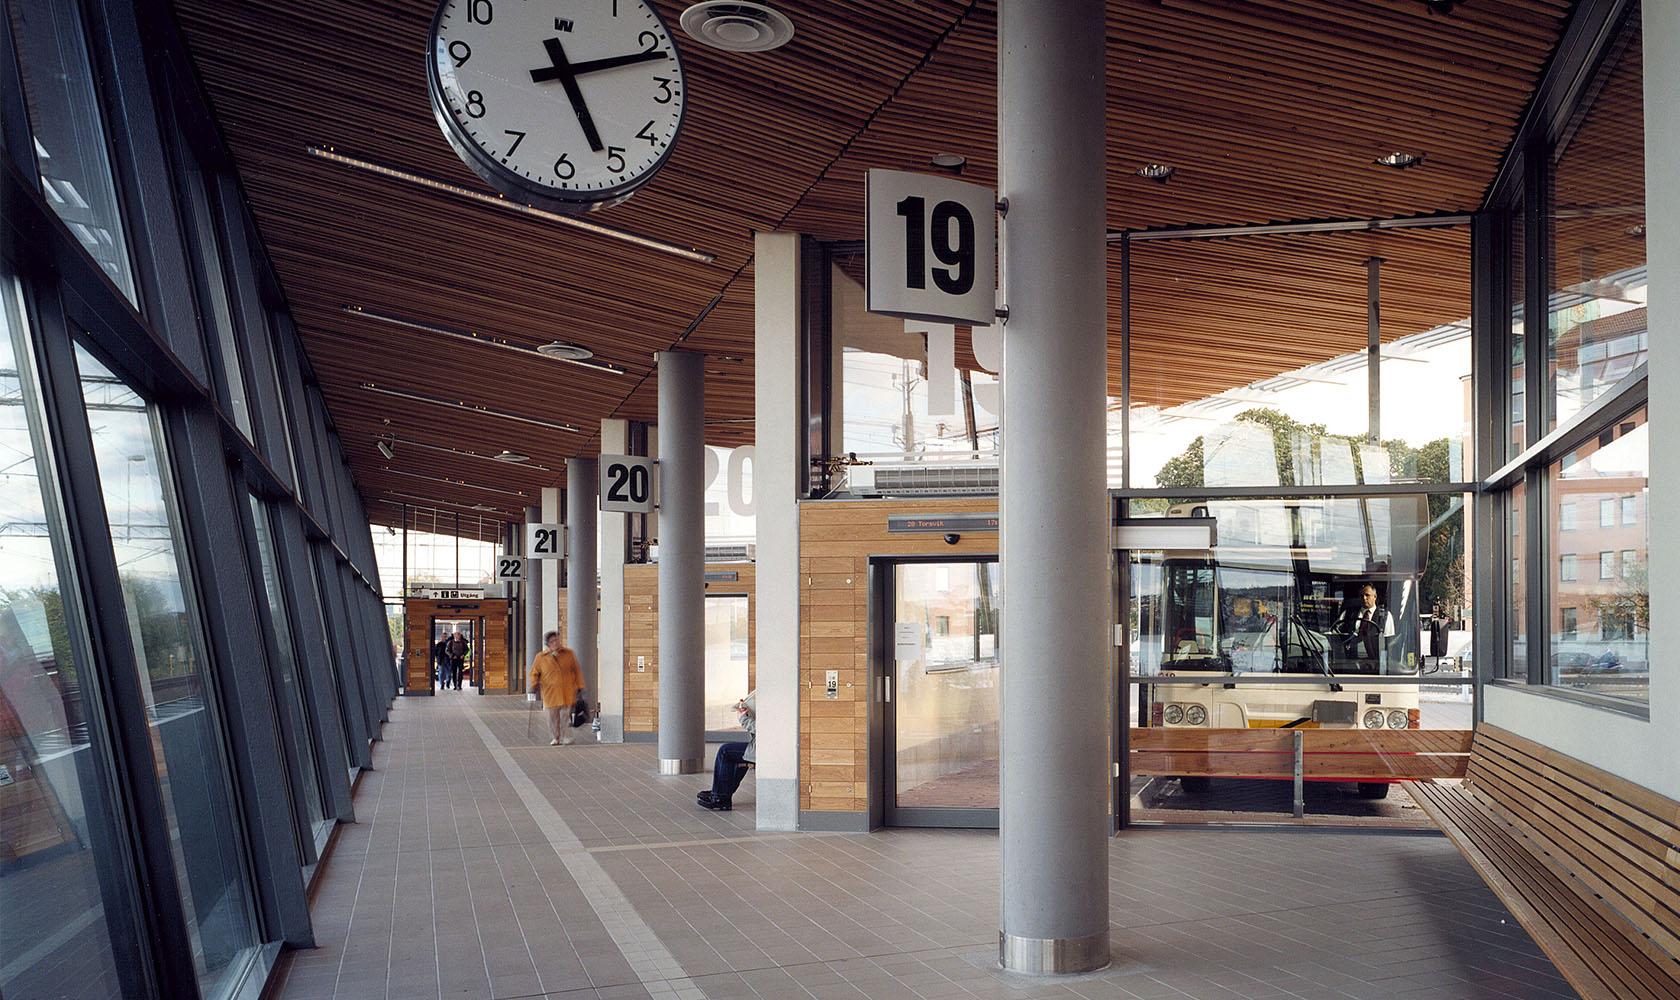 Interiör av bussterminal